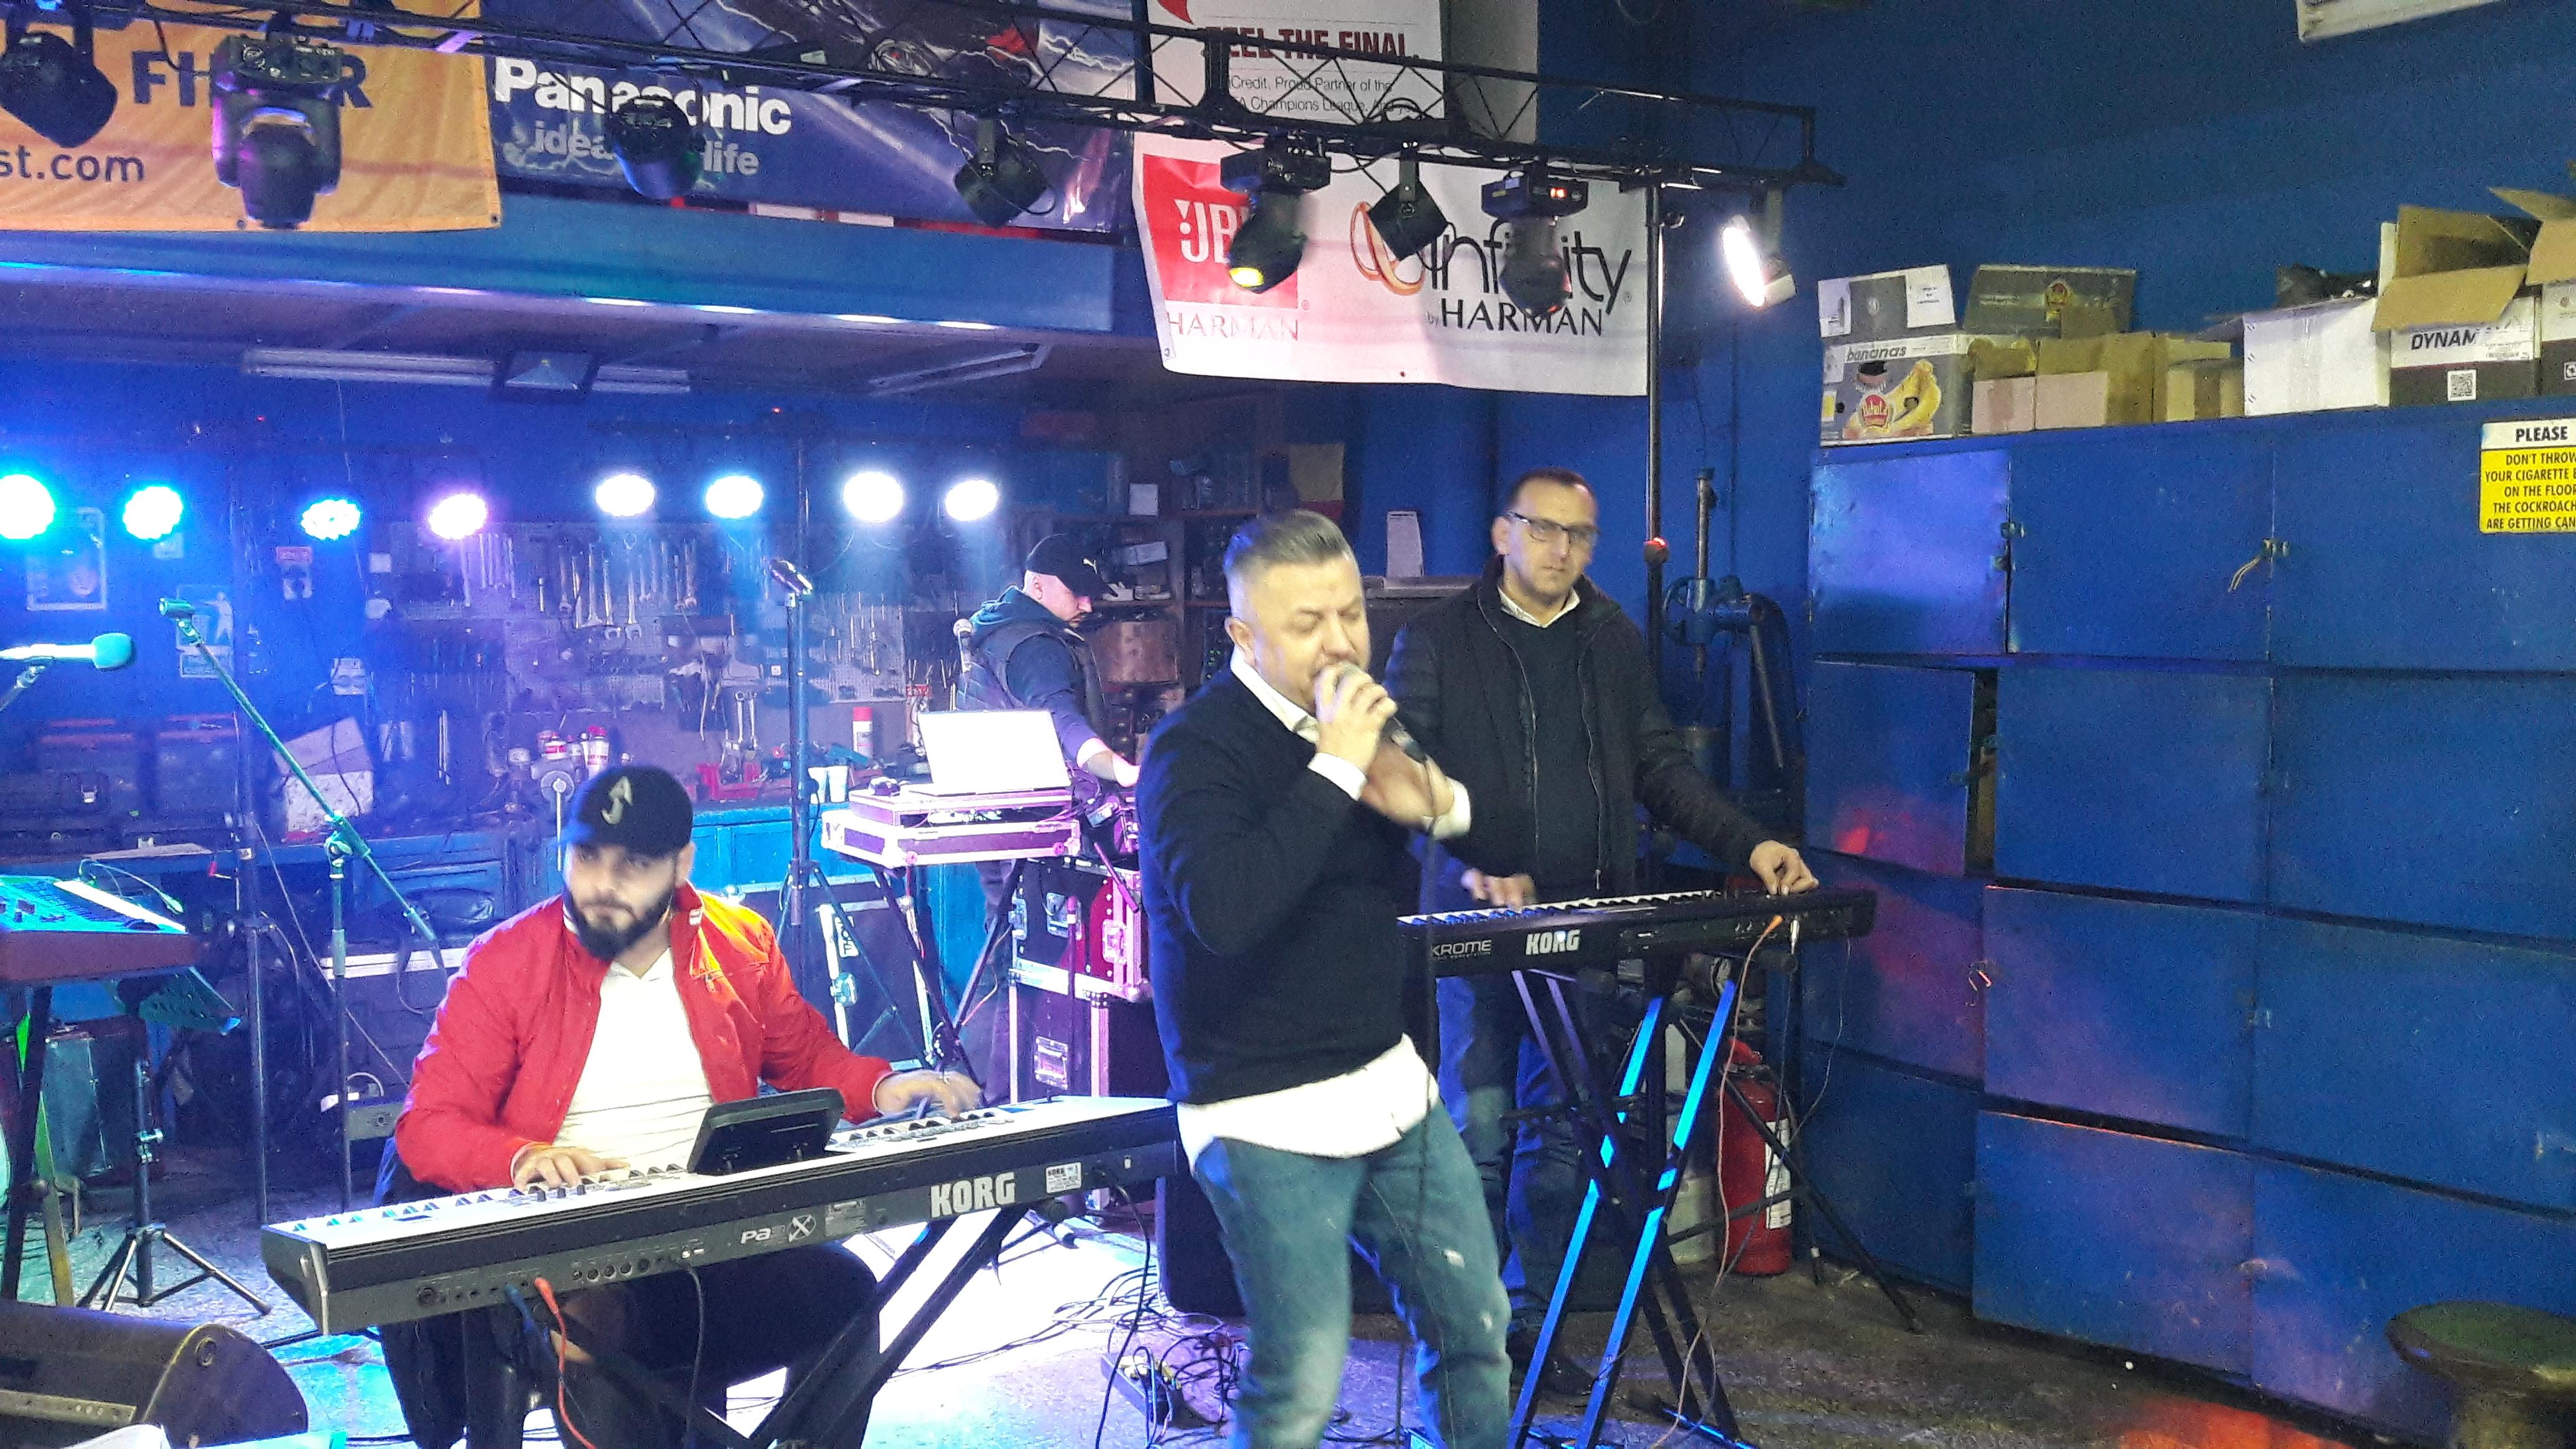 VIDEO/Vali Crăciunescu, Dan Blueman și Gabi de la Oradea au cântat printre elevatoare și butoaie, într-un service auto